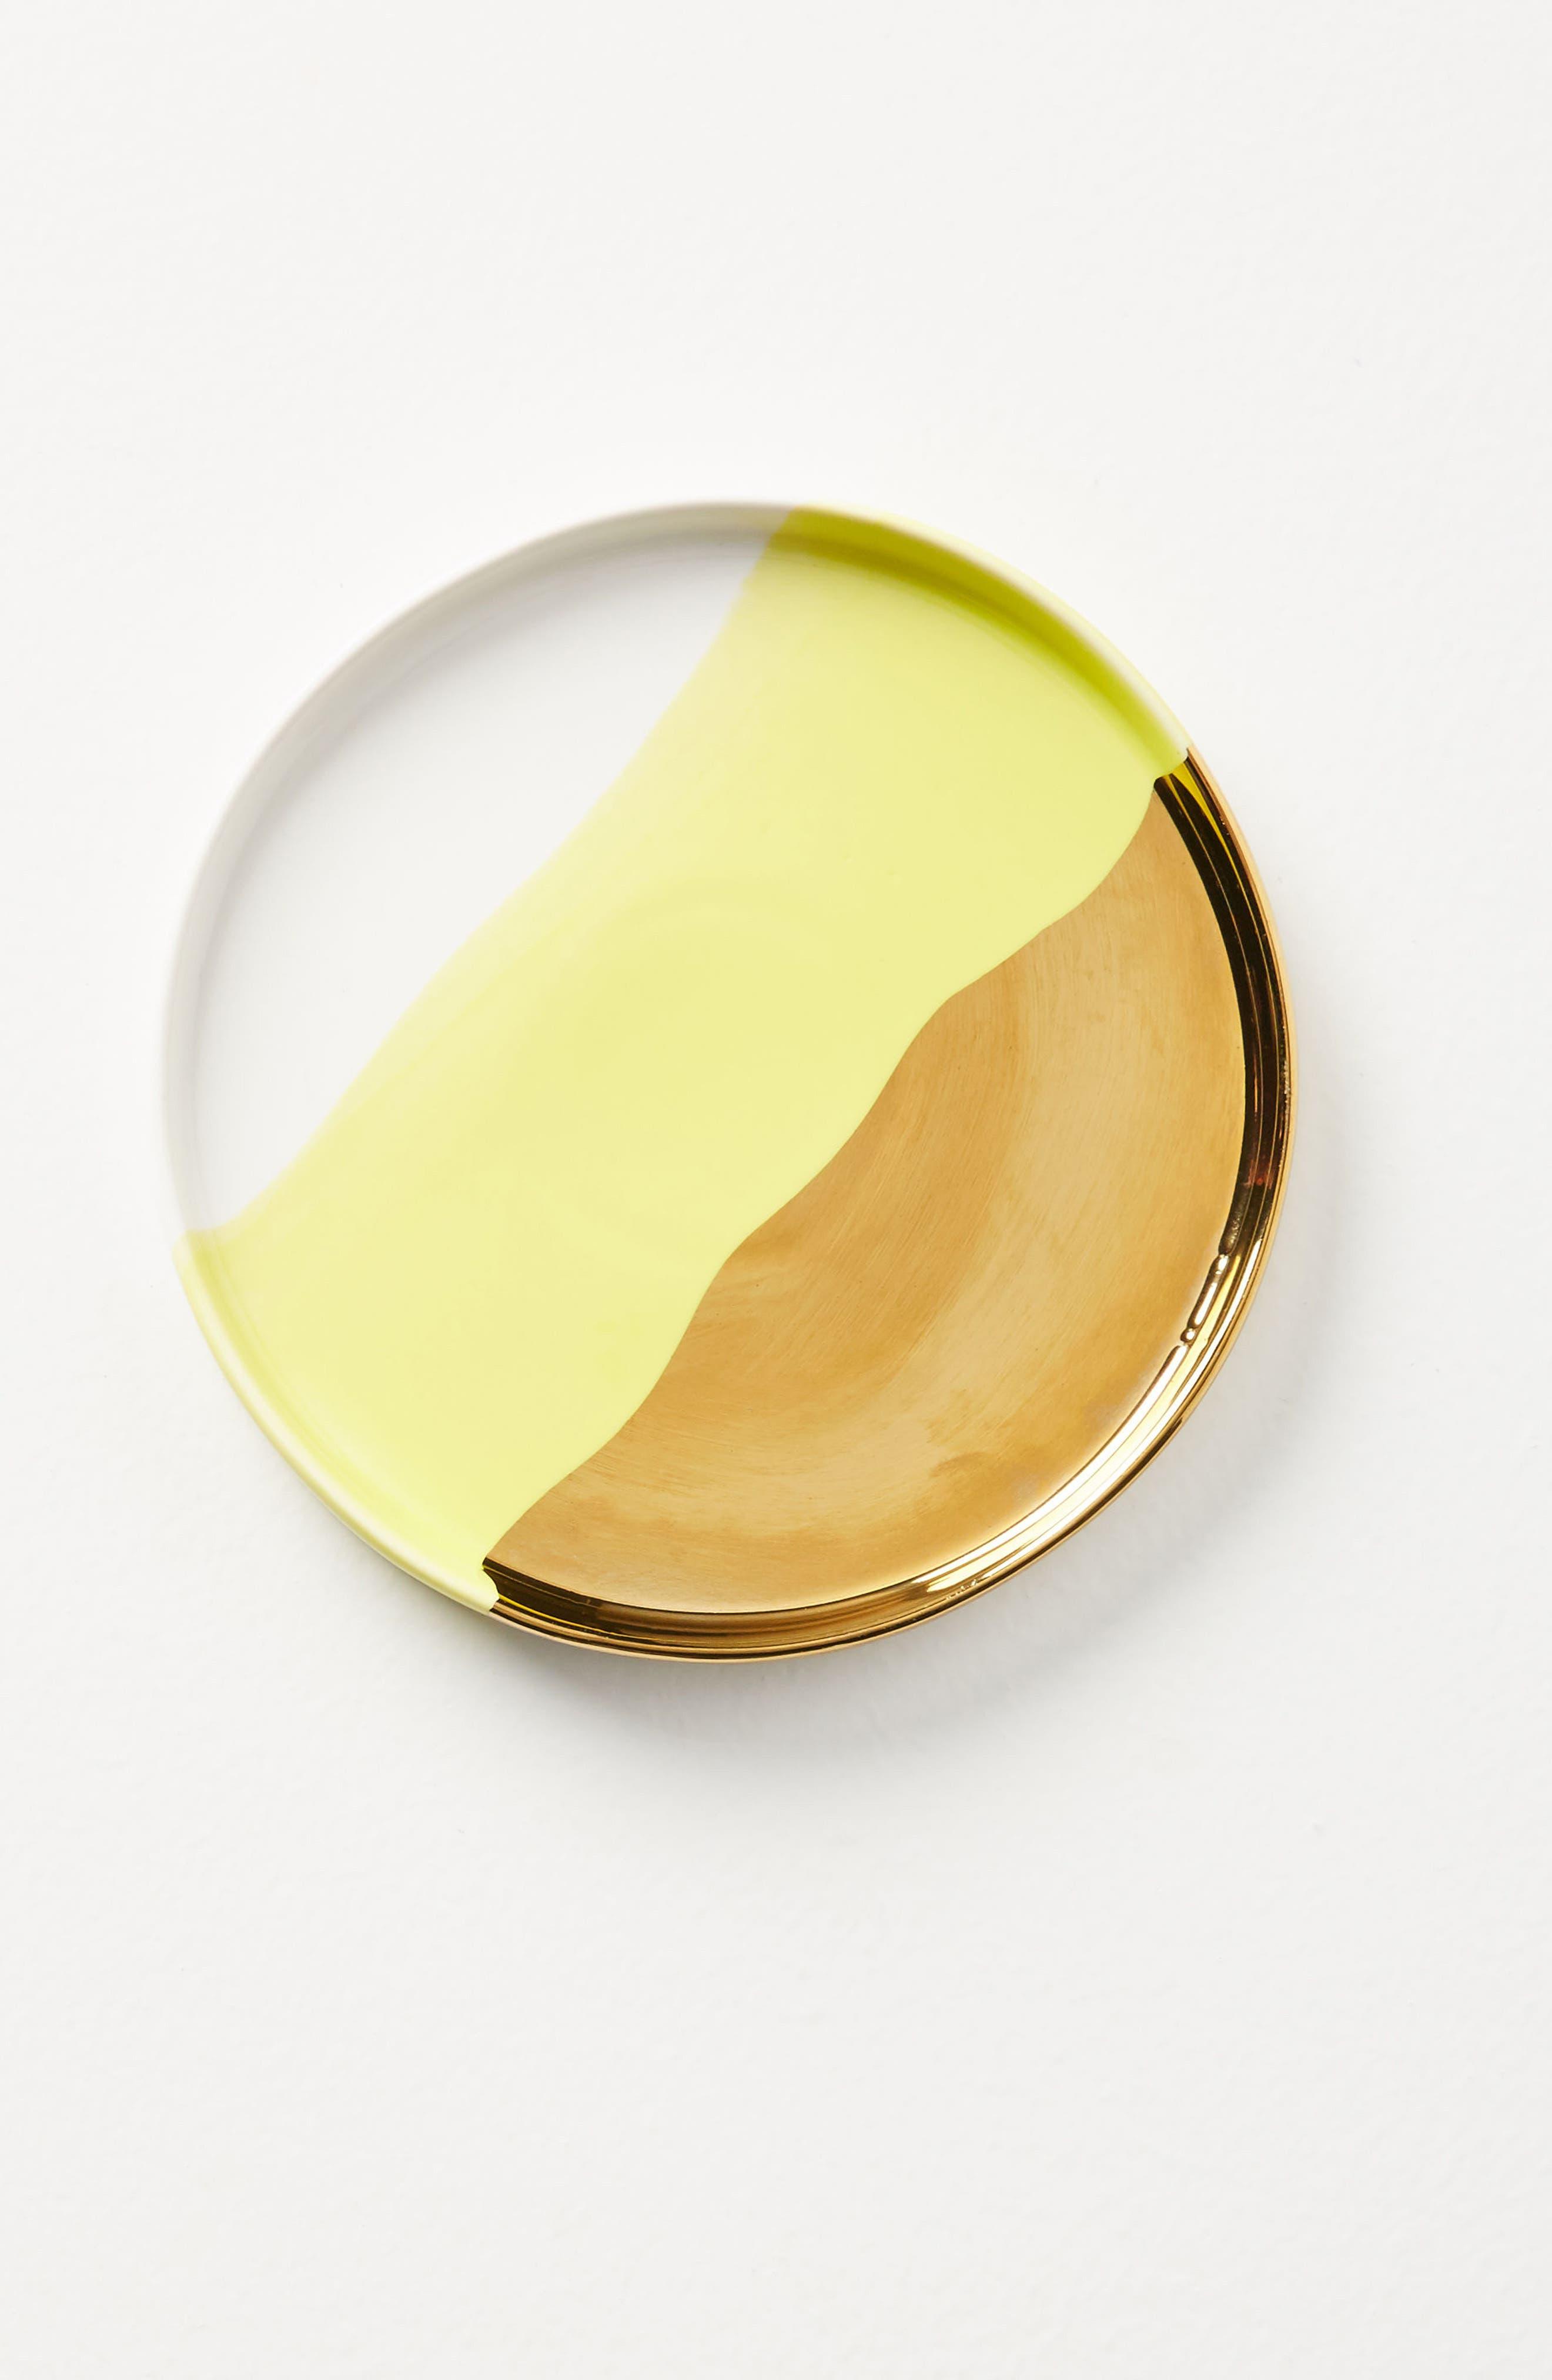 Tamatoa Side Plate,                             Main thumbnail 1, color,                             Chartreuse